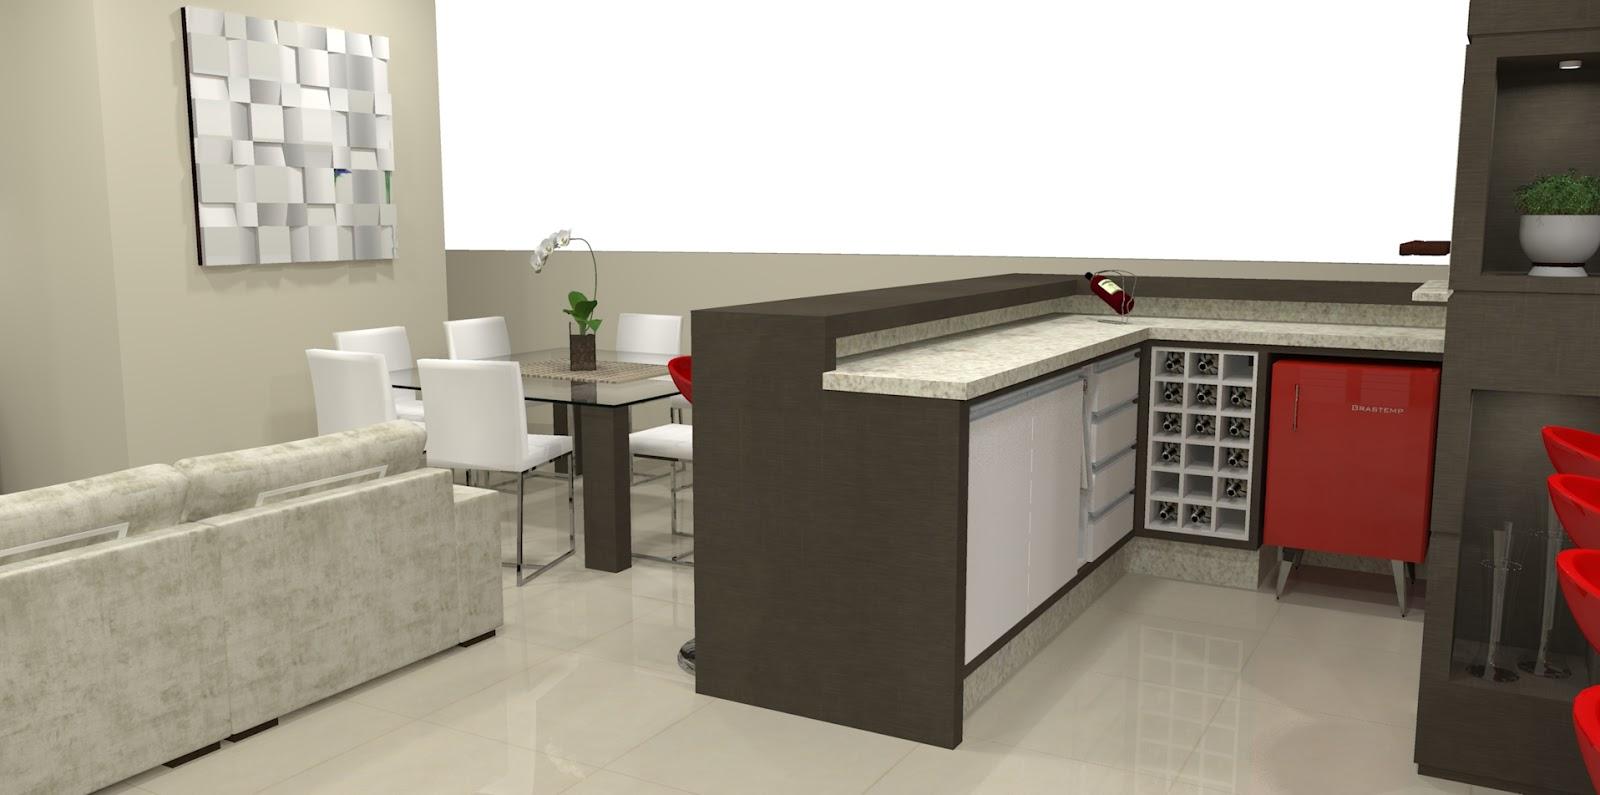 Maquete Eletr Nica Cozinha Gourmet E Sala Integrados